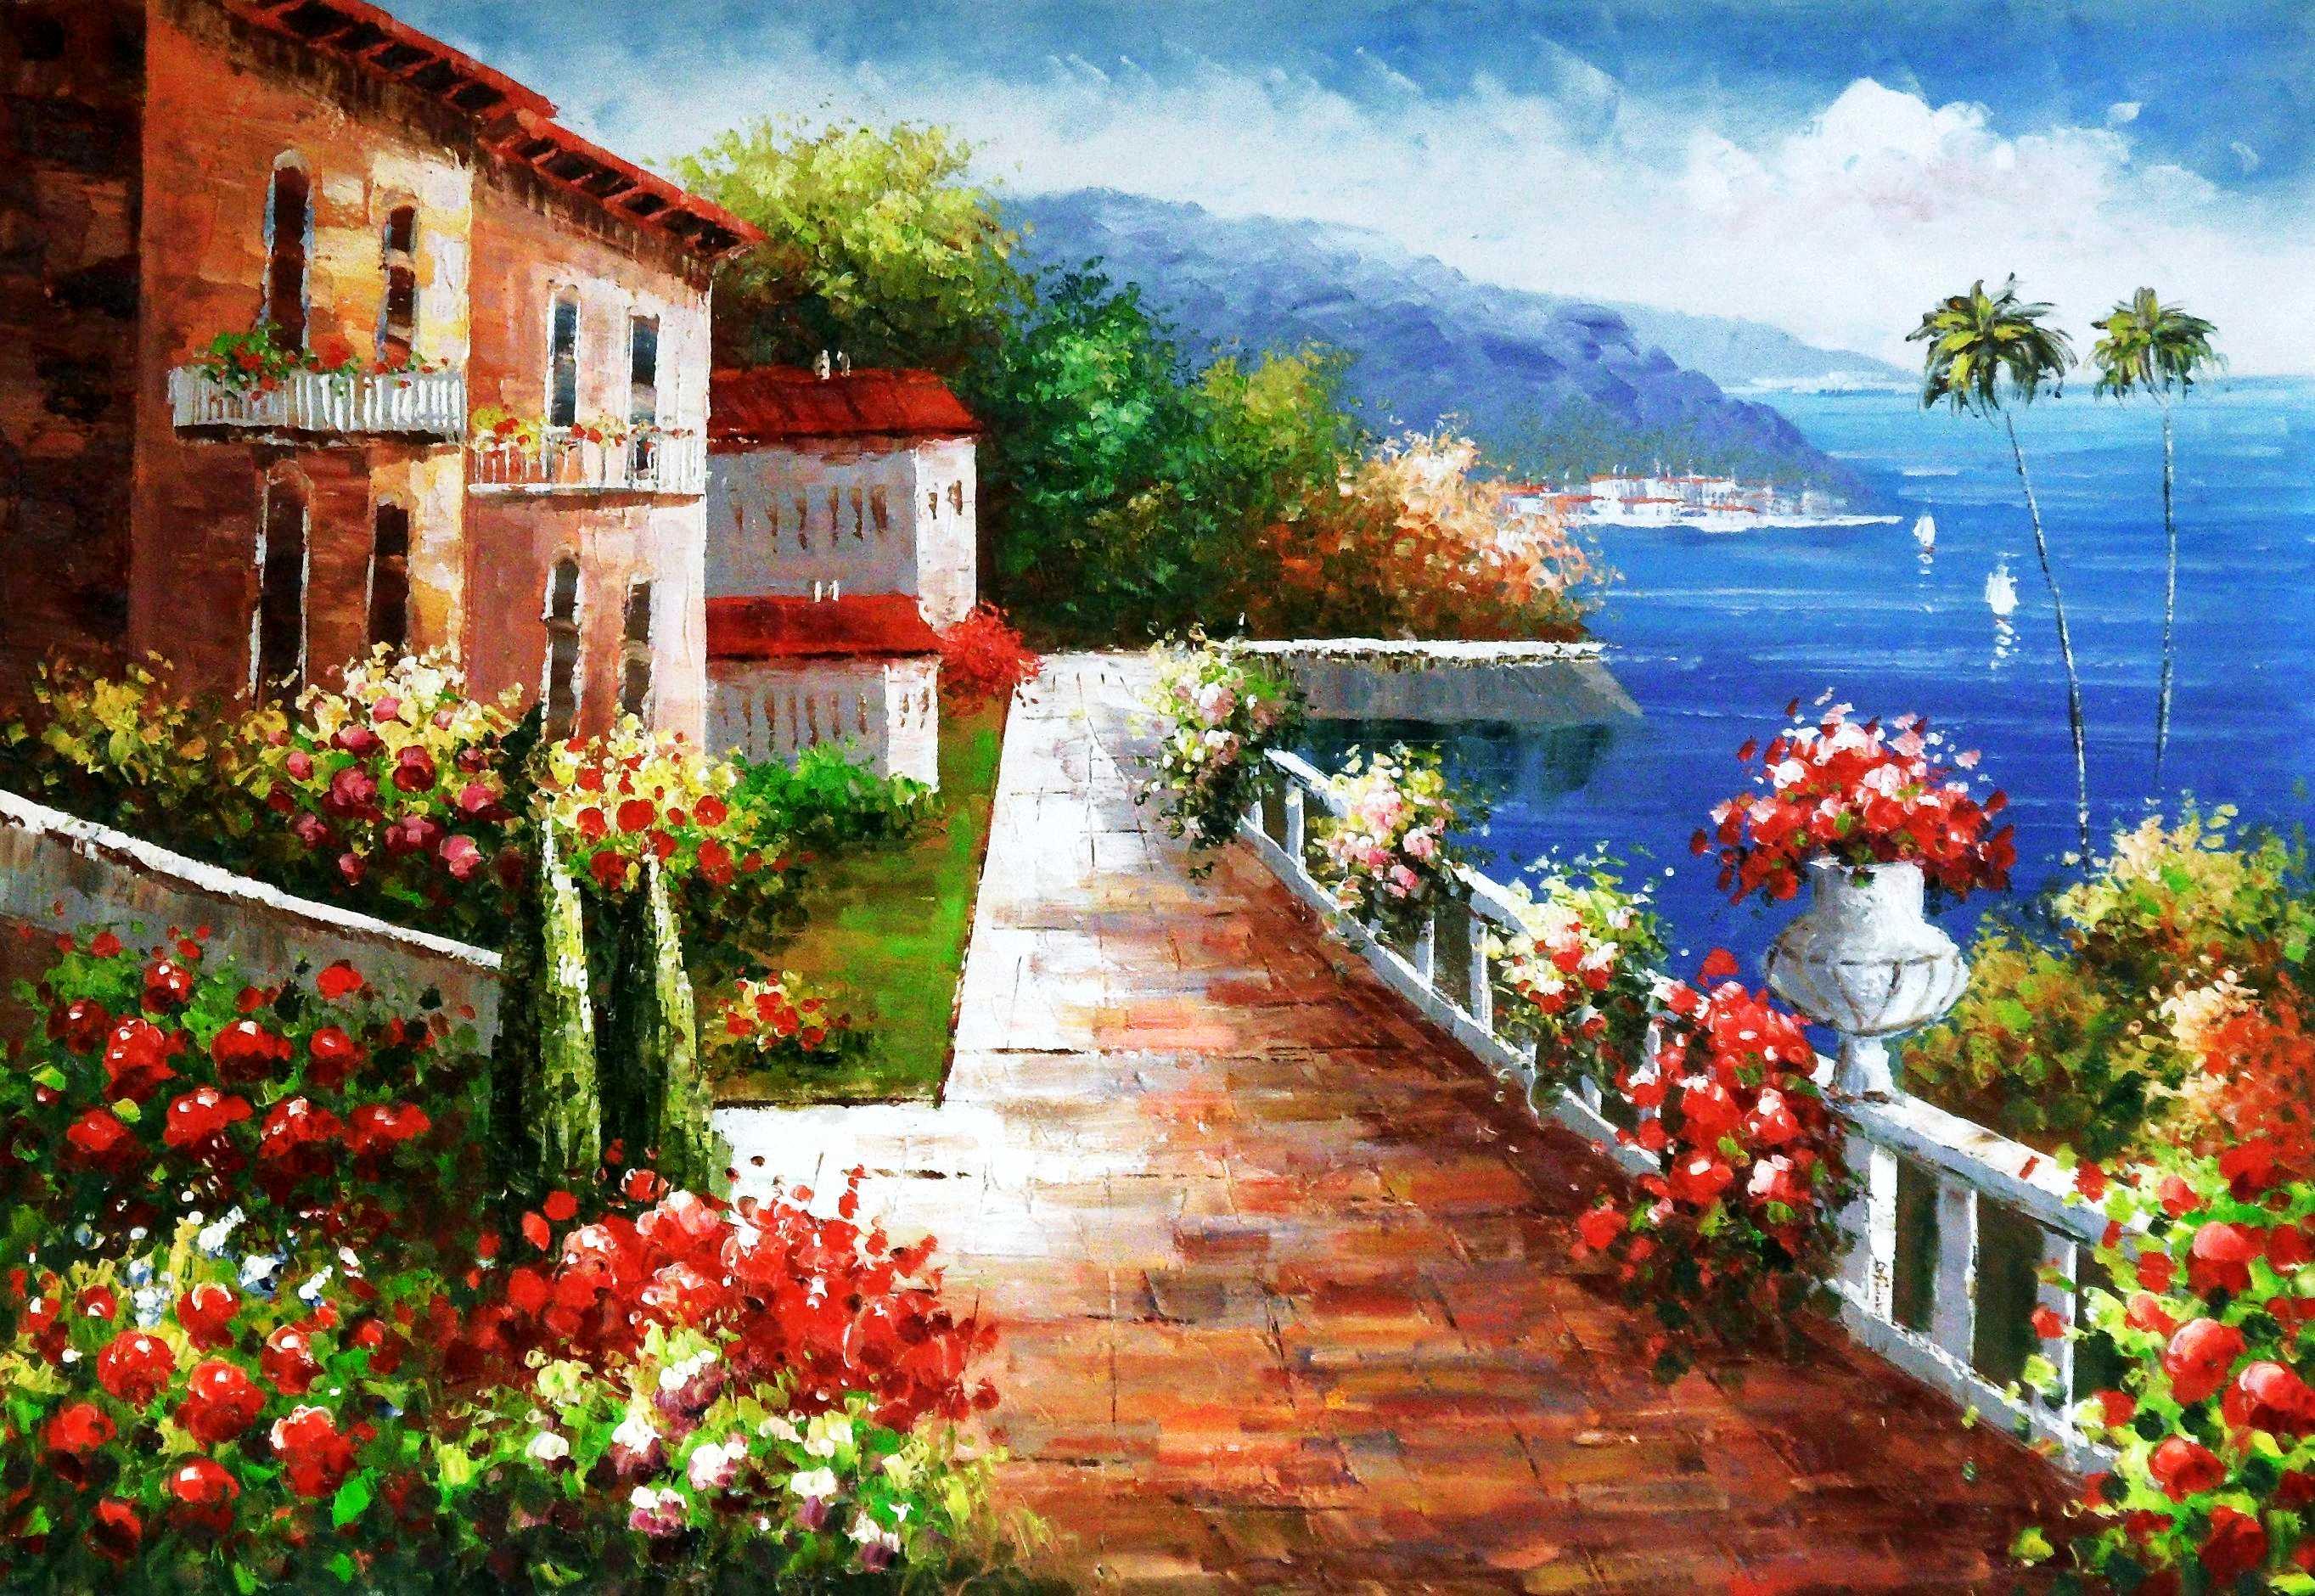 Hotelterrasse mit Meeresblick d95393 60x90cm abstraktes Gemälde handgemalt